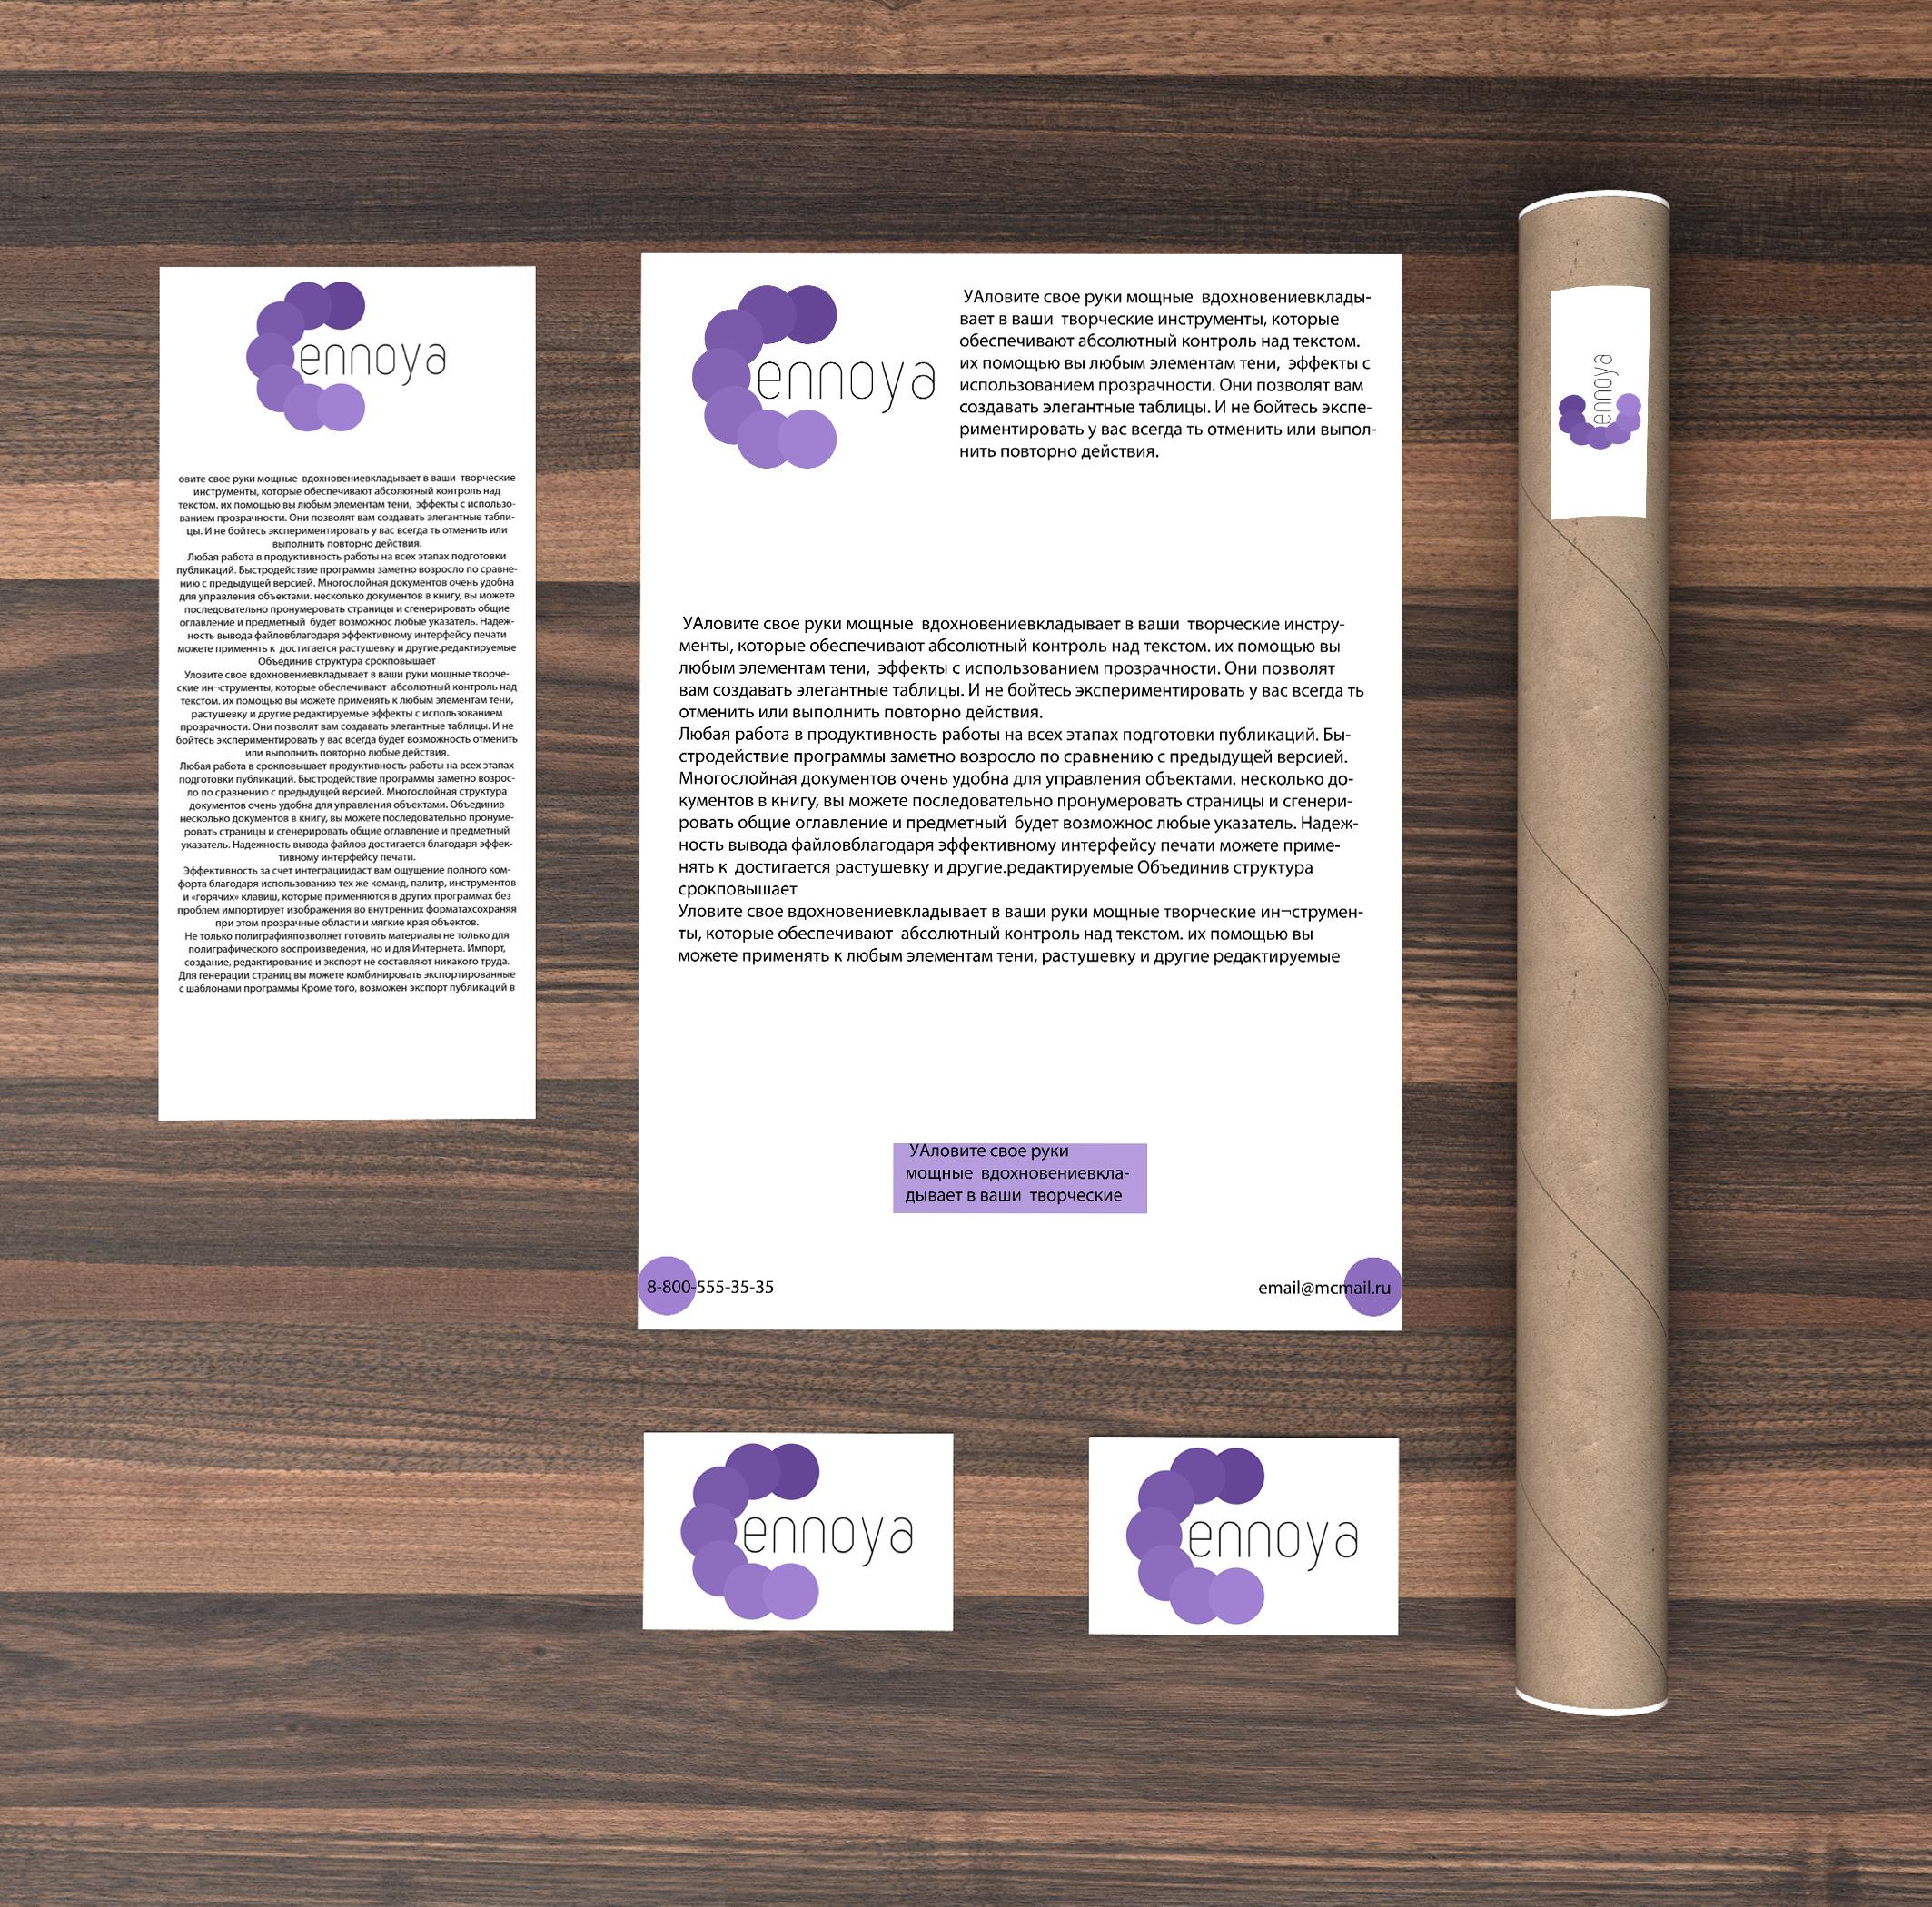 Логотип + фирменный стиль для продуктовой IT компании фото f_0975acf5811199c3.jpg